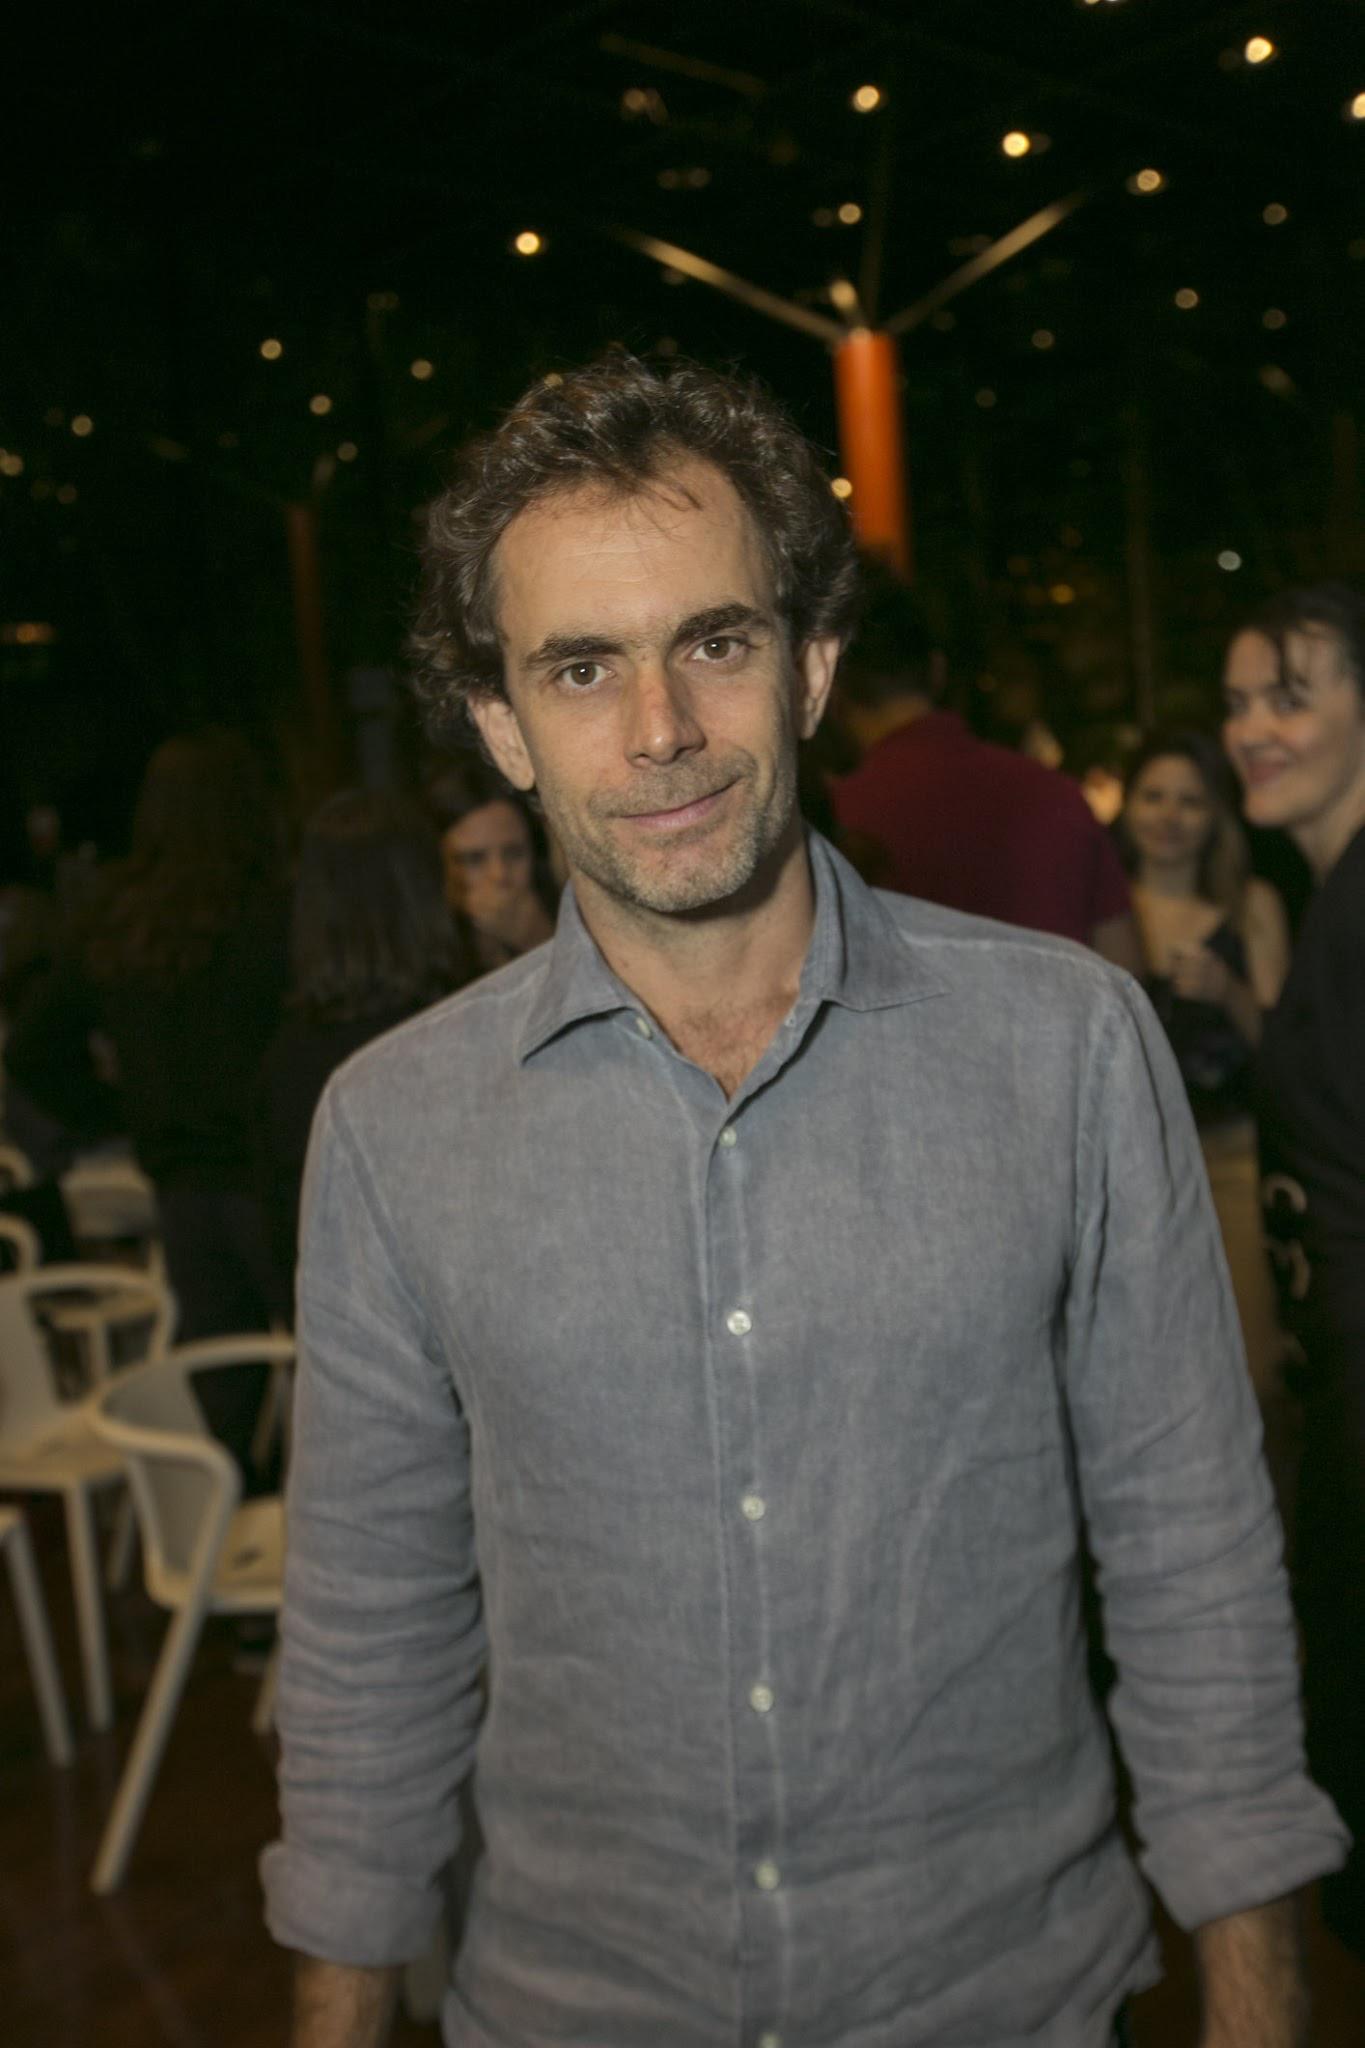 Musician and partner at Aprazivel restaurant João Hermeto